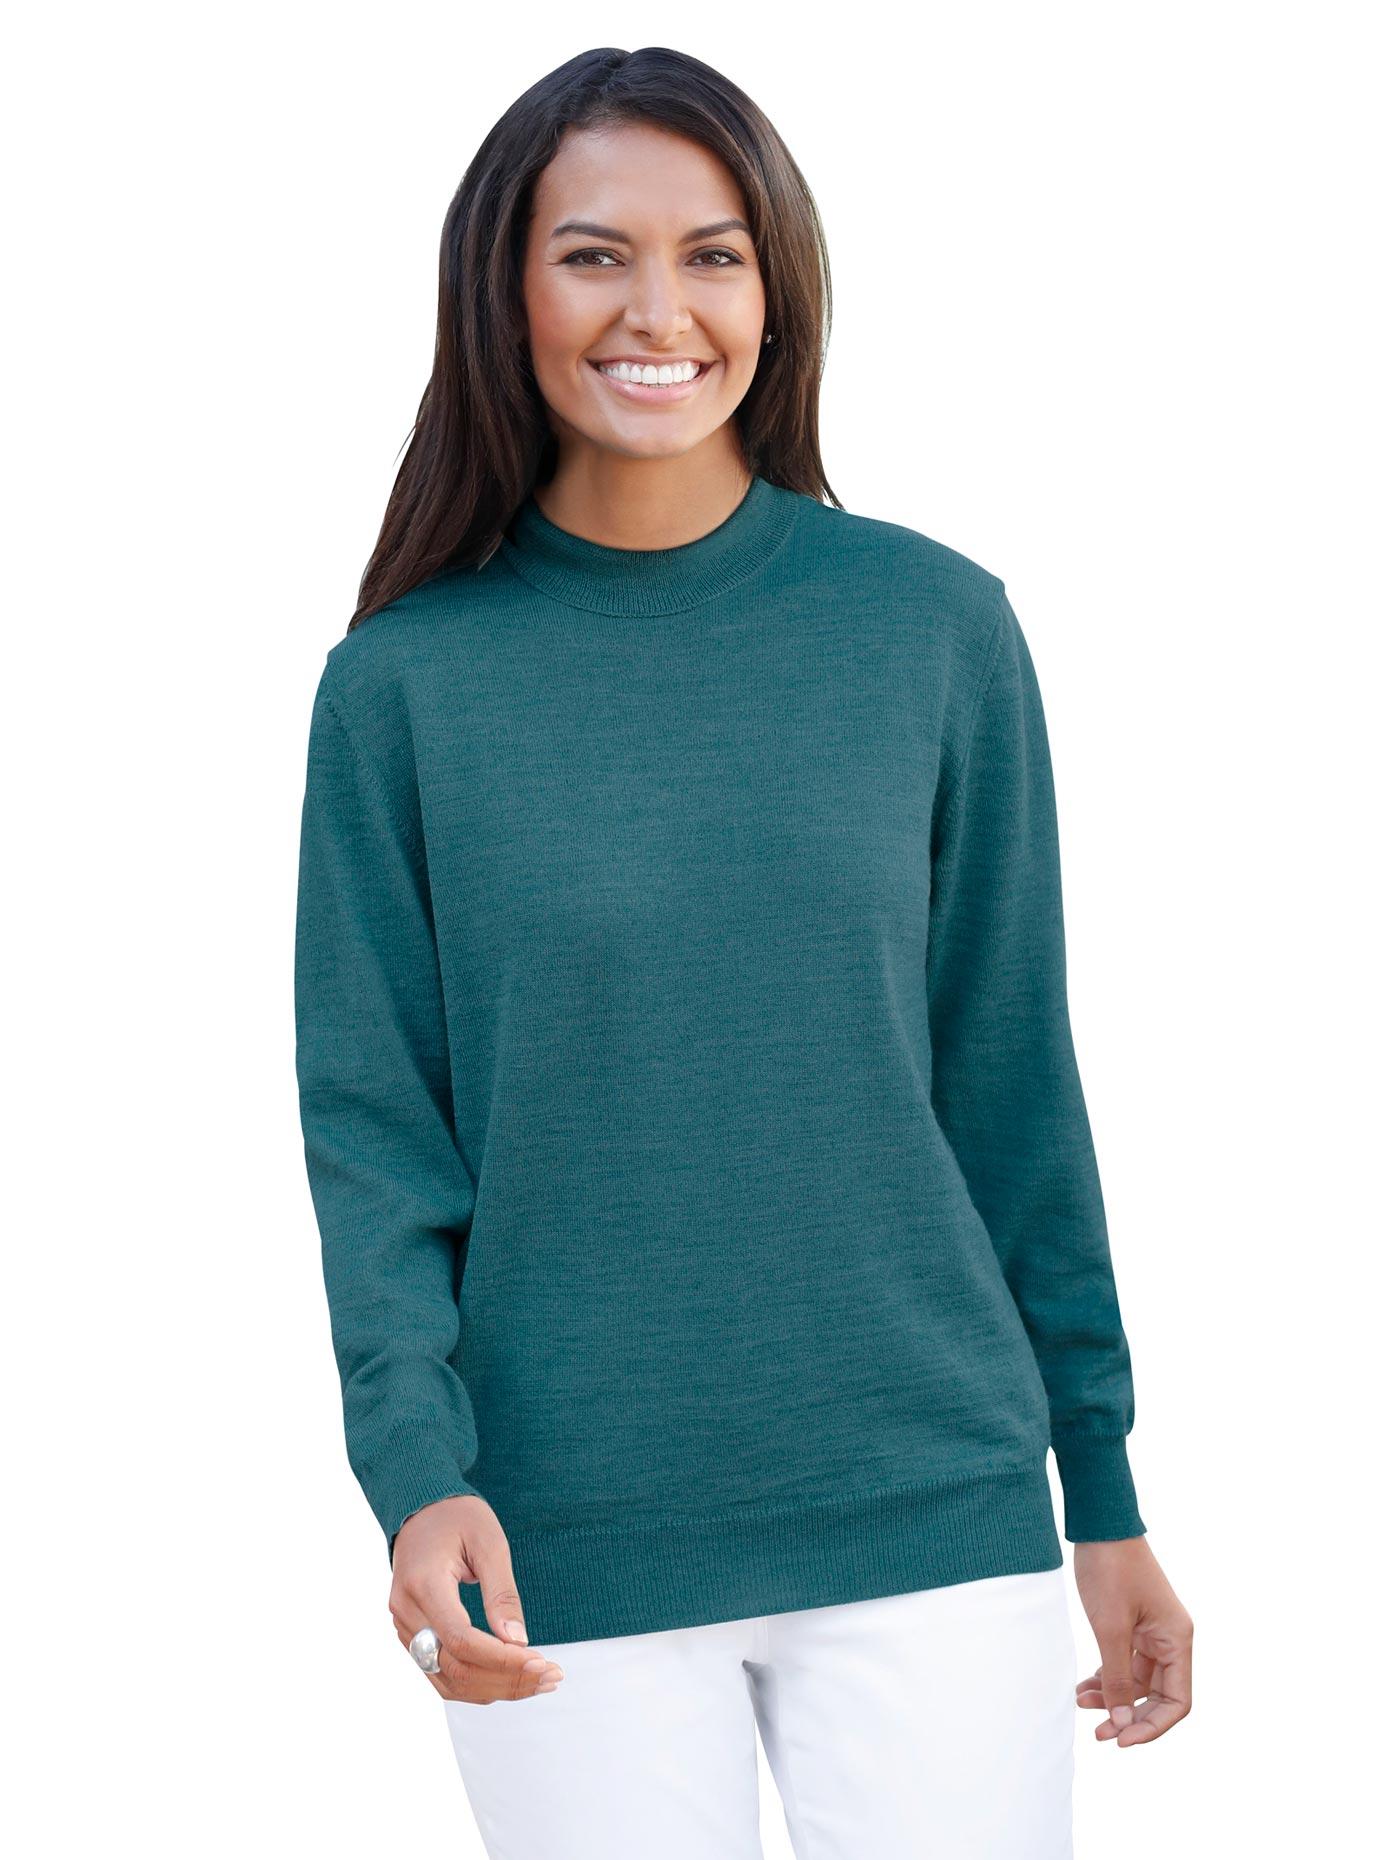 Casual Looks Stehkragen-Pullover aus hochwertiger Merino-Wolle | Bekleidung > Pullover > Stehkragenpullover | Casual Looks